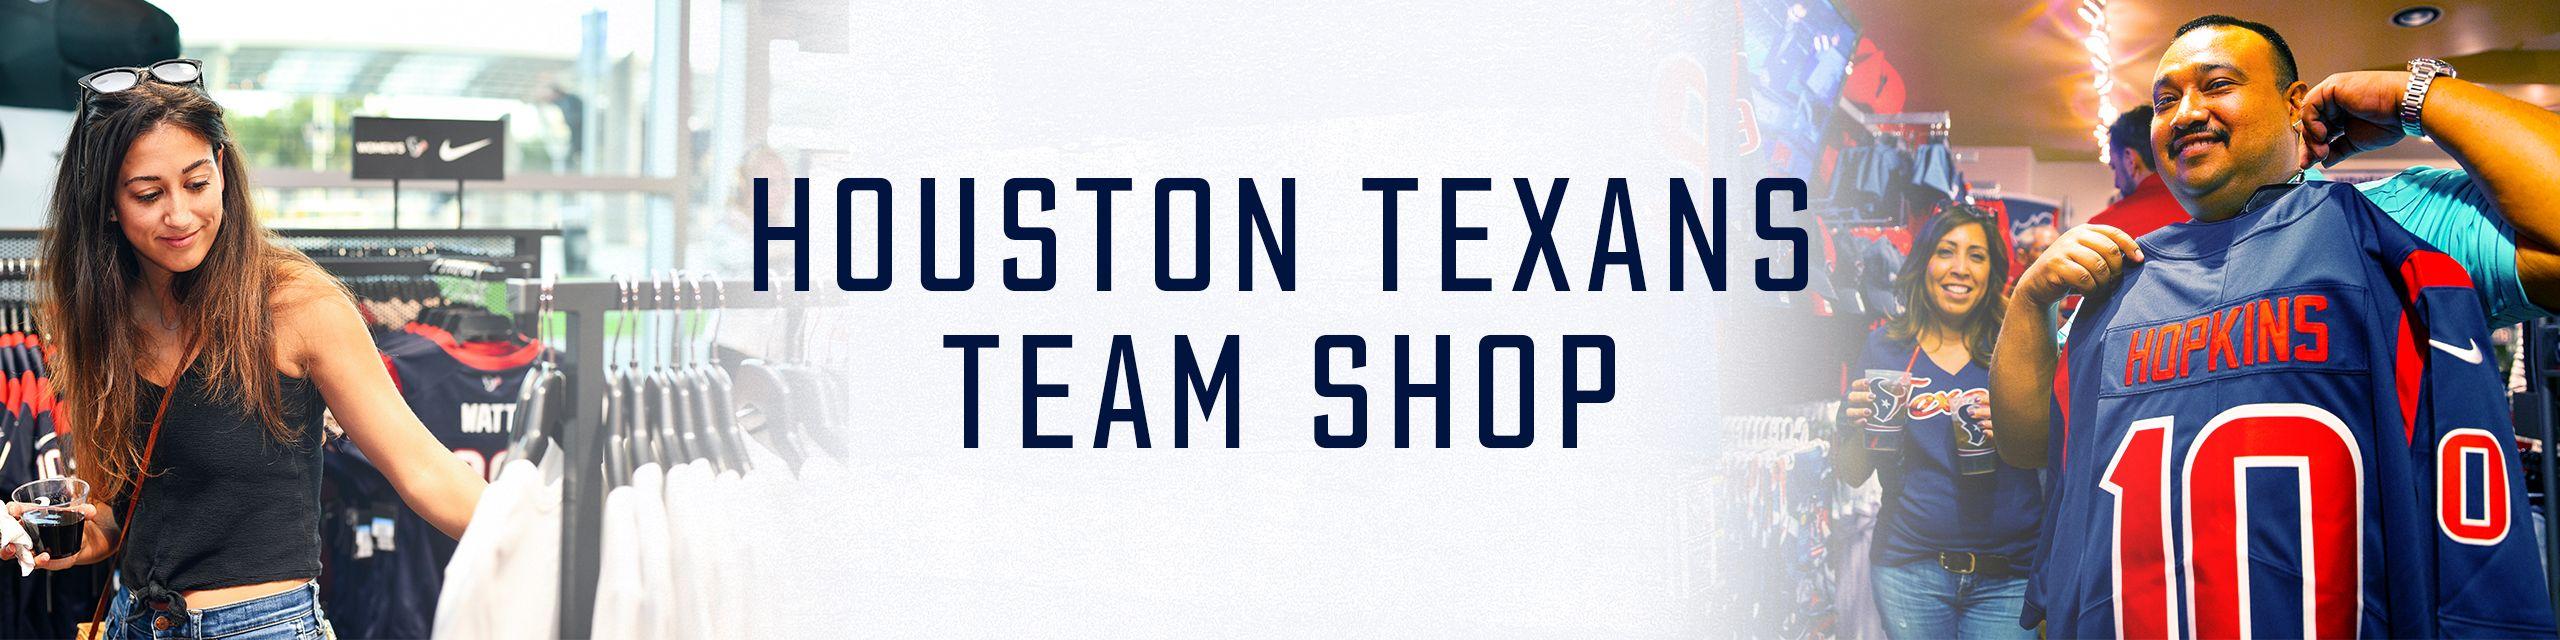 Houston Texans Team Shop